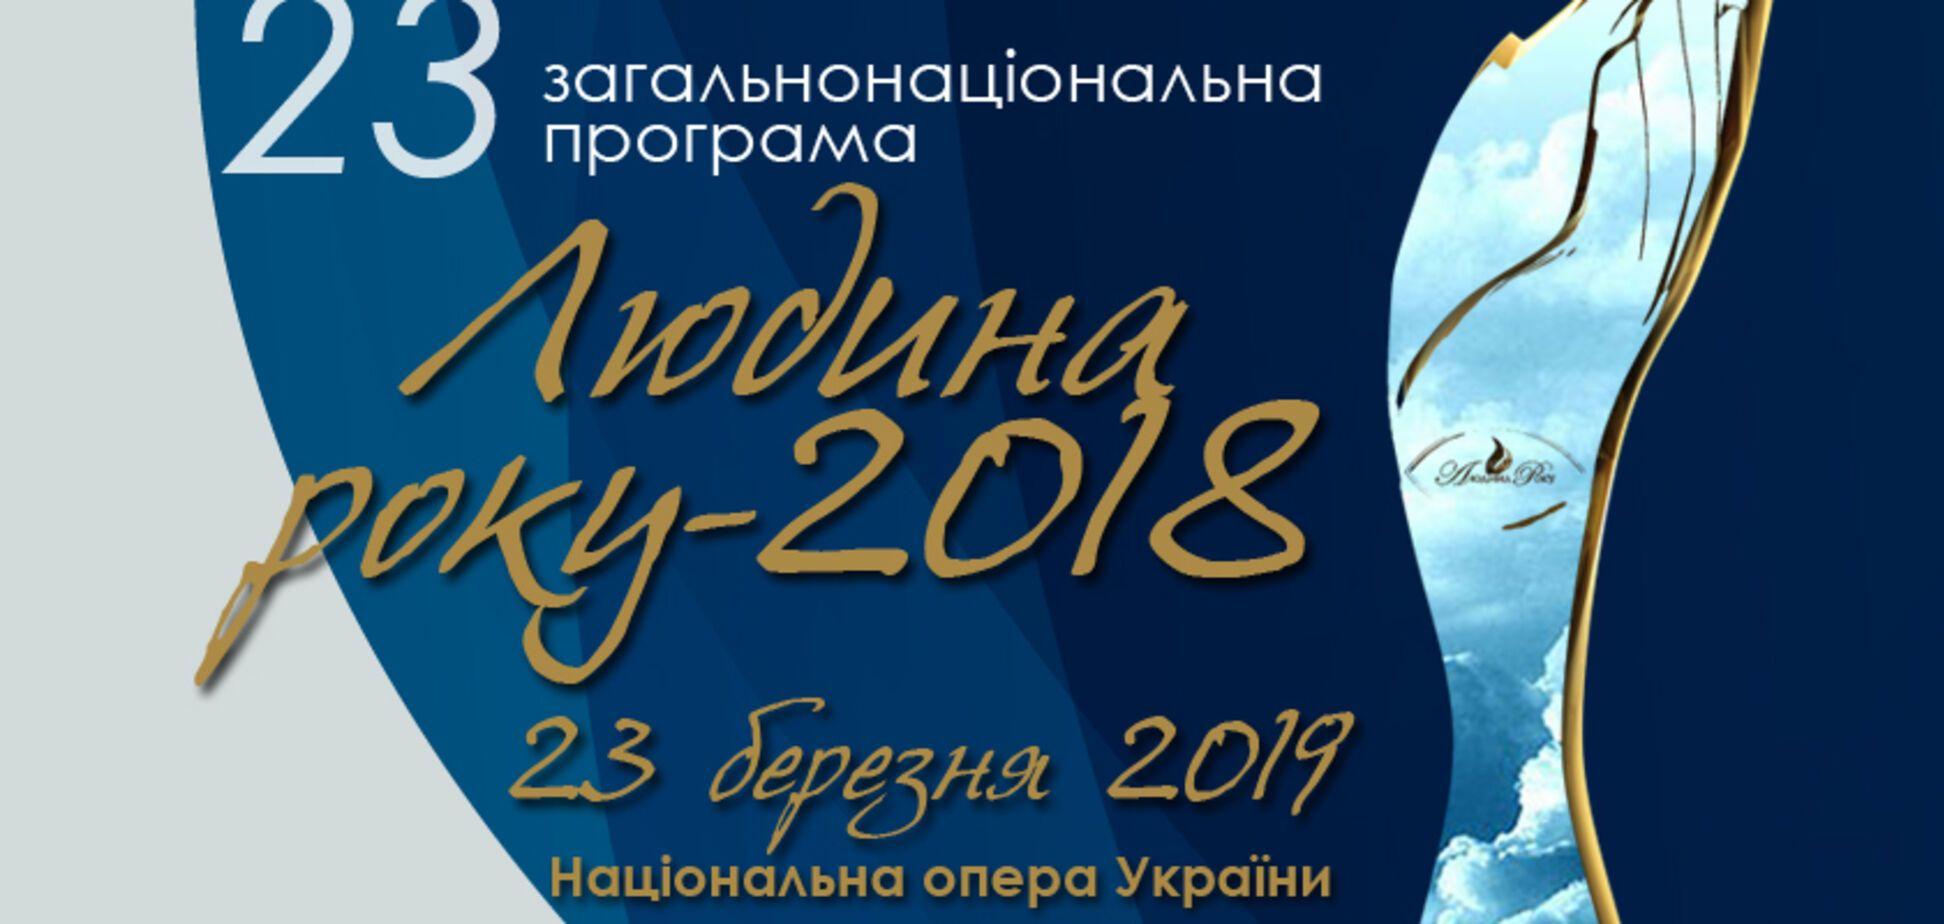 Визначено лауреатів 23-й загальнонаціональної програми 'Людина року - 2018'